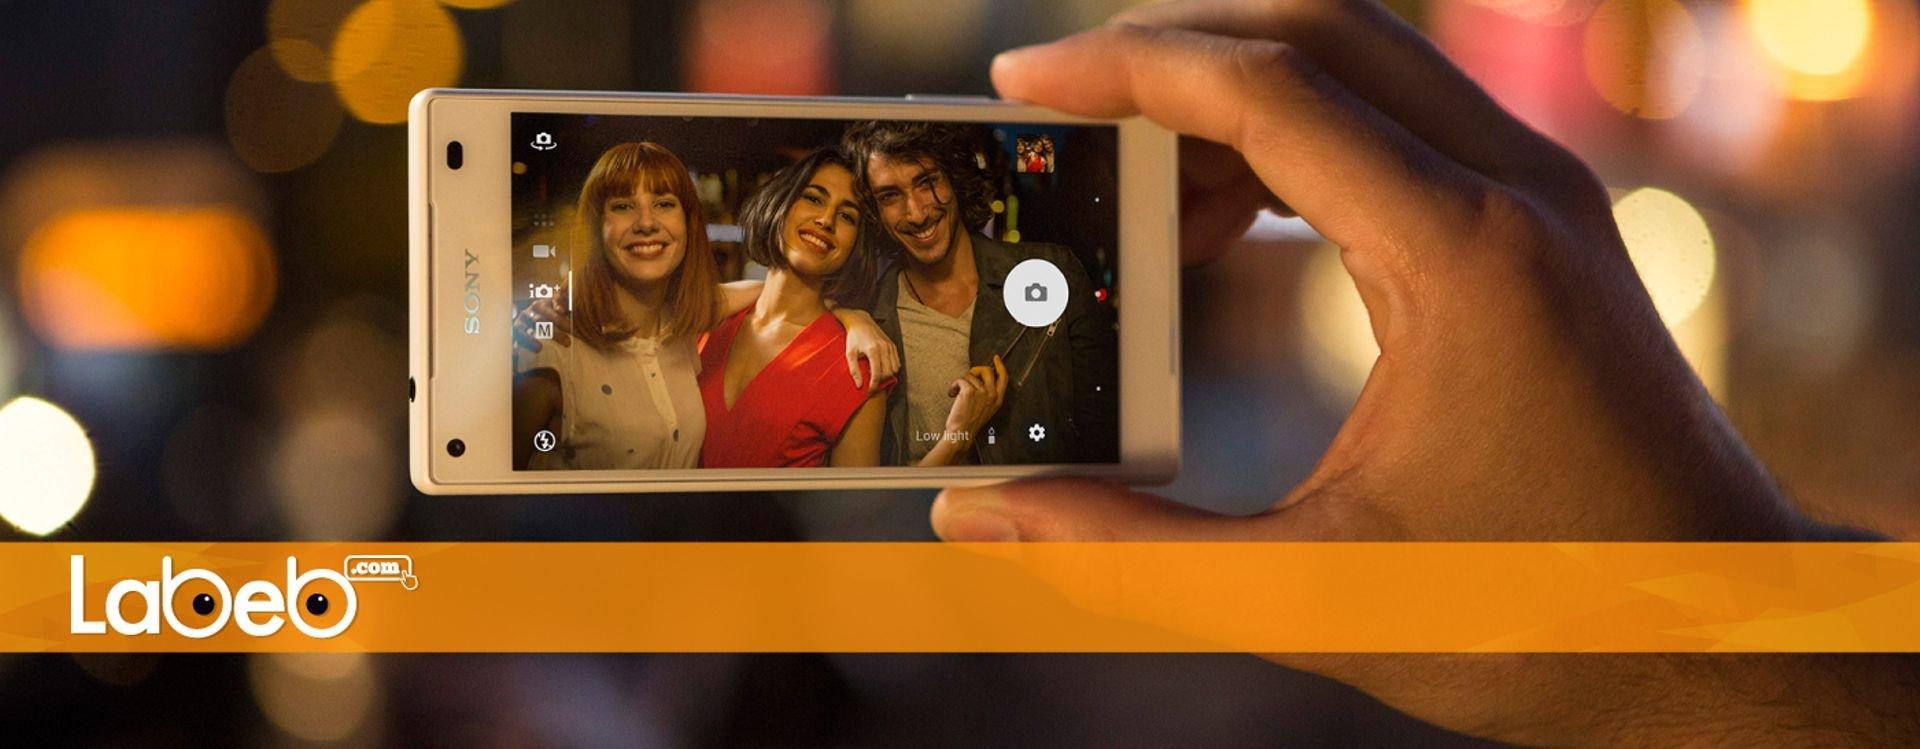 دقة وضوح كاميرا جوال سوني إكسبريا زد 5.